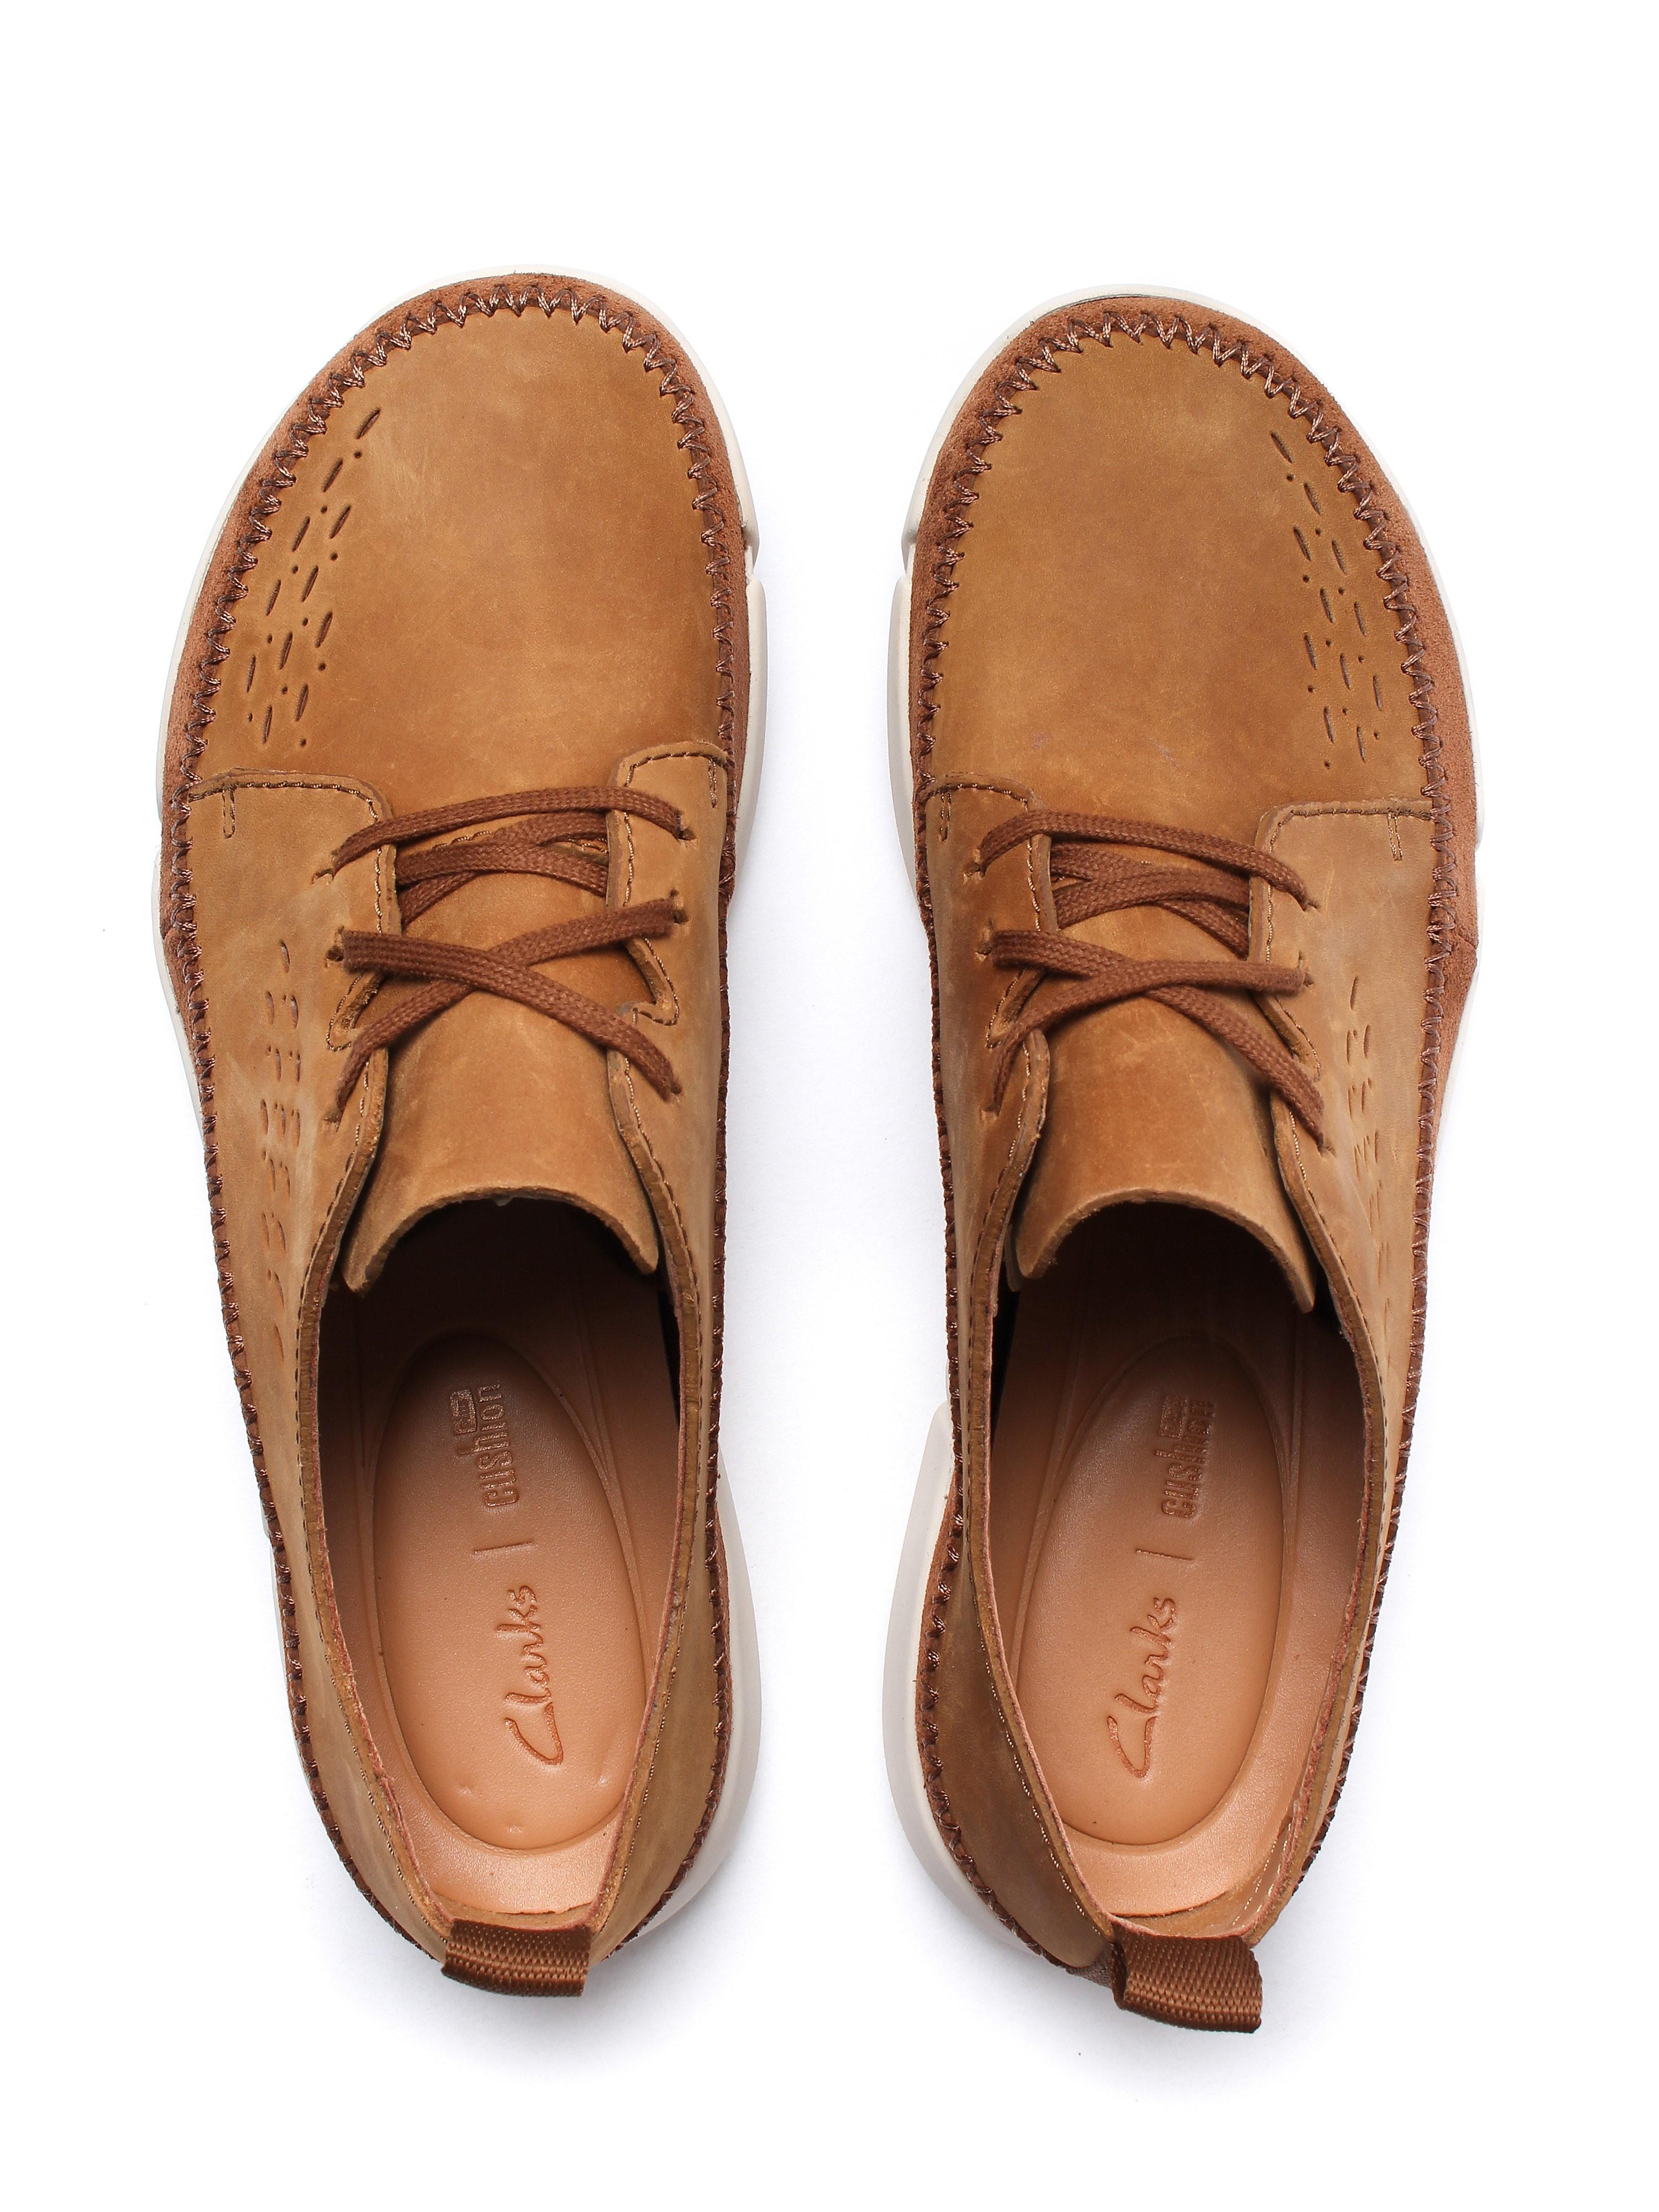 Clarks Men's Trifri Lace Shoes - Tobacco Nubuck